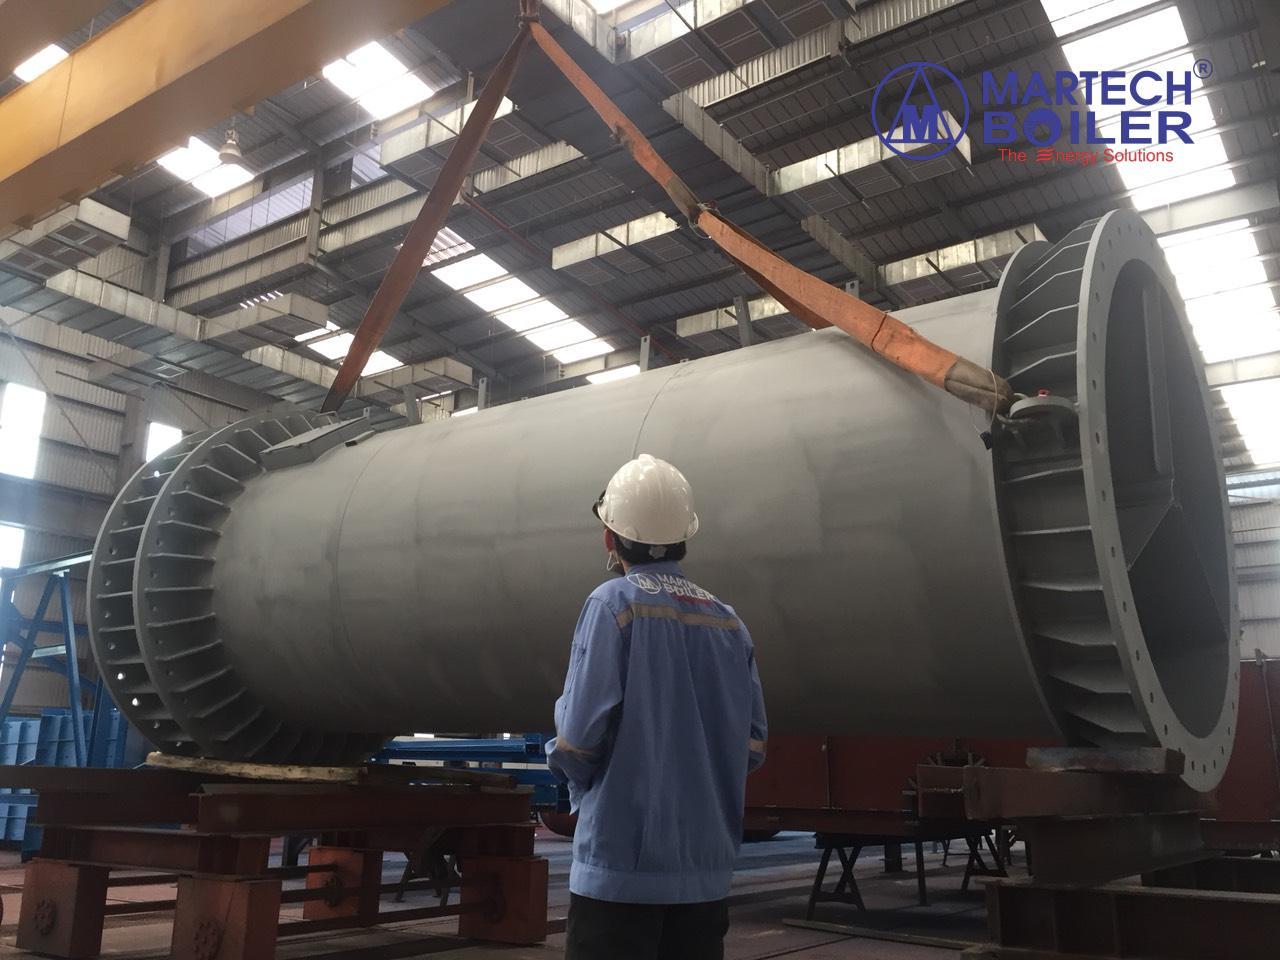 Thi công thiết bị hệ thống ducting tại Martech